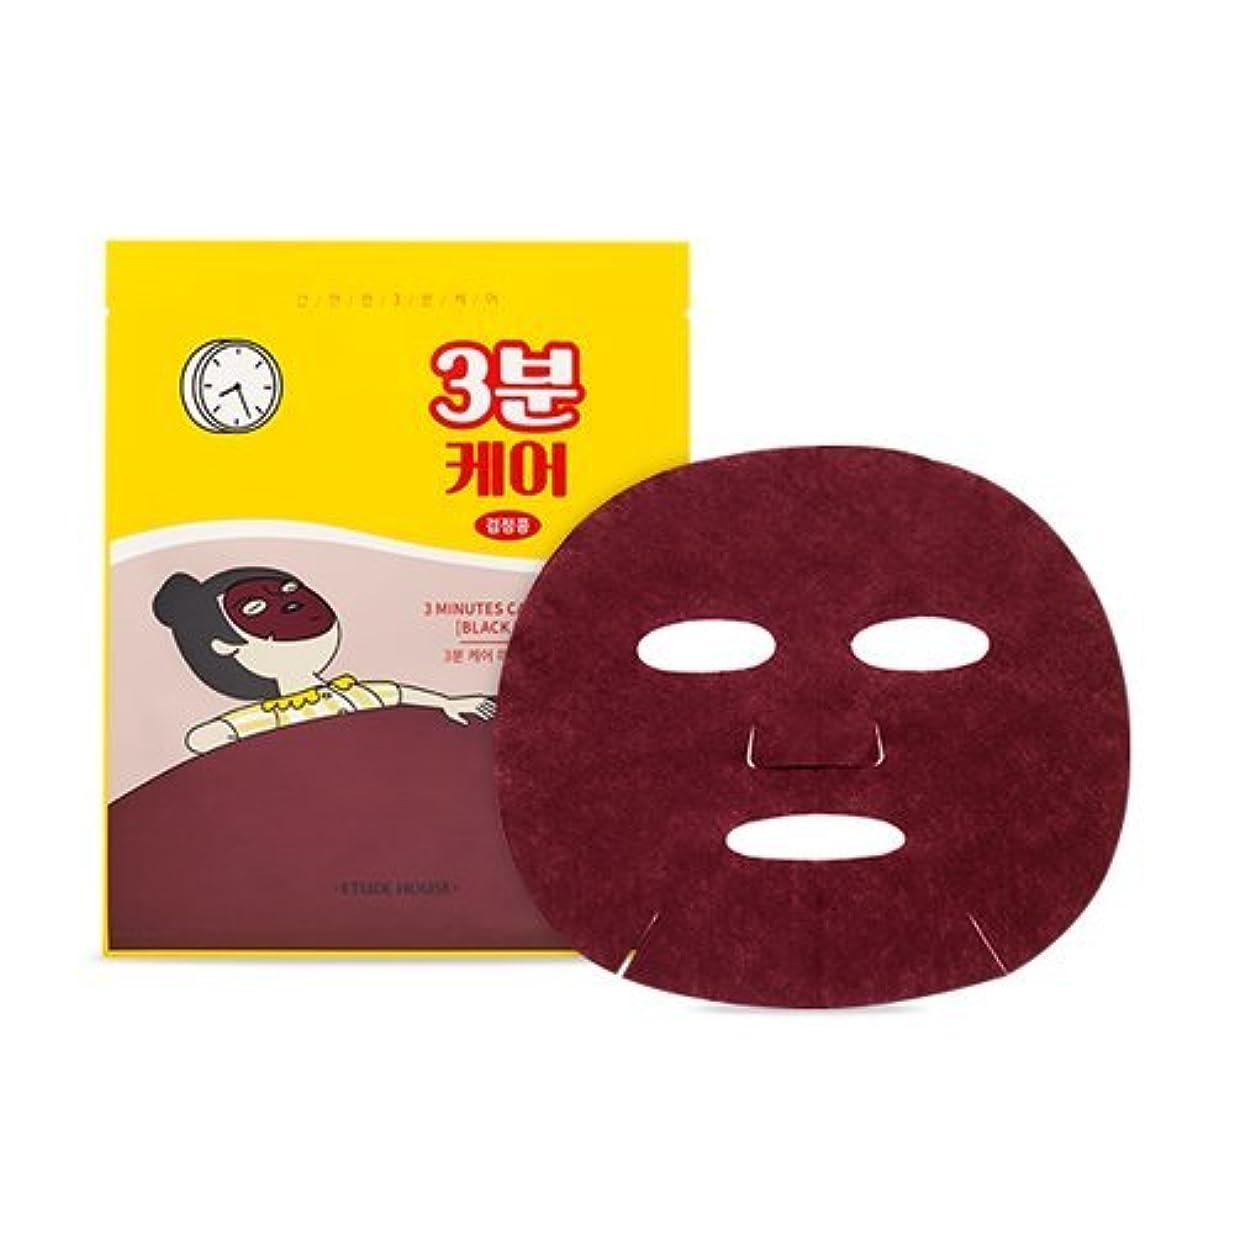 揃える火薬受賞エチュードハウス 3分ケア マスク[ ブラックビーン ] 5枚/ETUDE HOUSE 3 Minutes Care Mask [BLACK BEAN] 23g*5EA